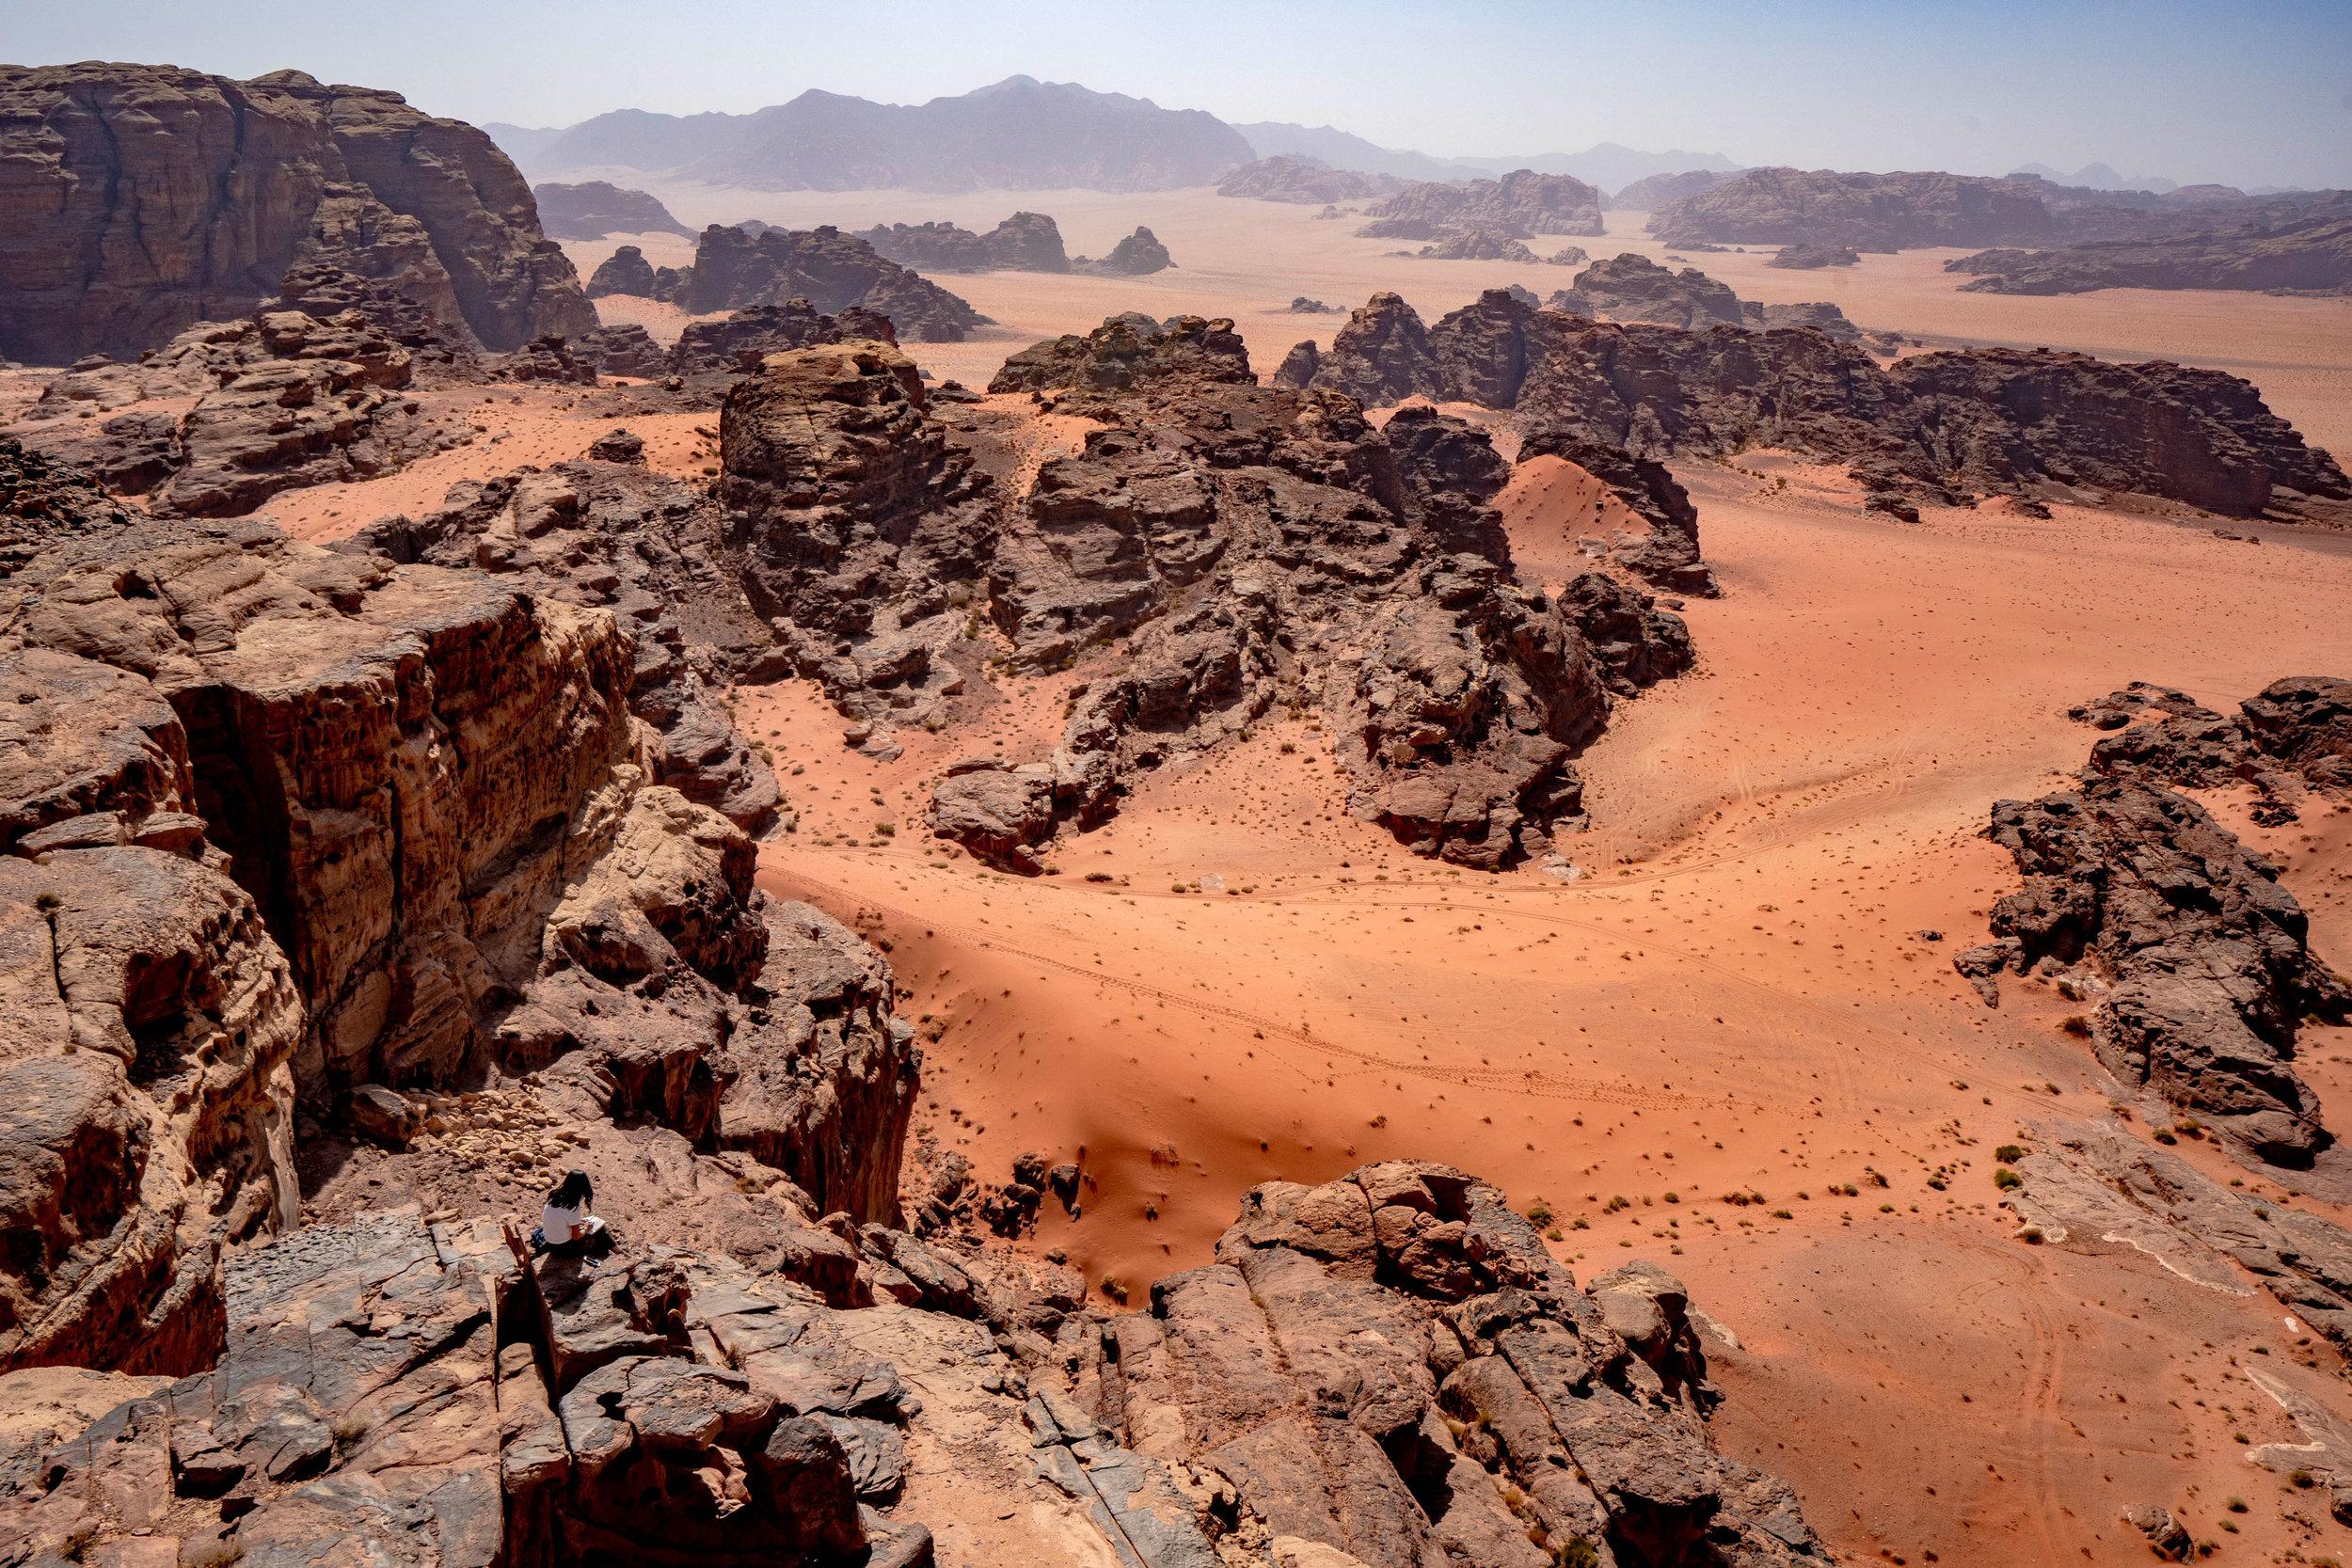 wadi-rum-jordan-desert-inertia-network.jpg